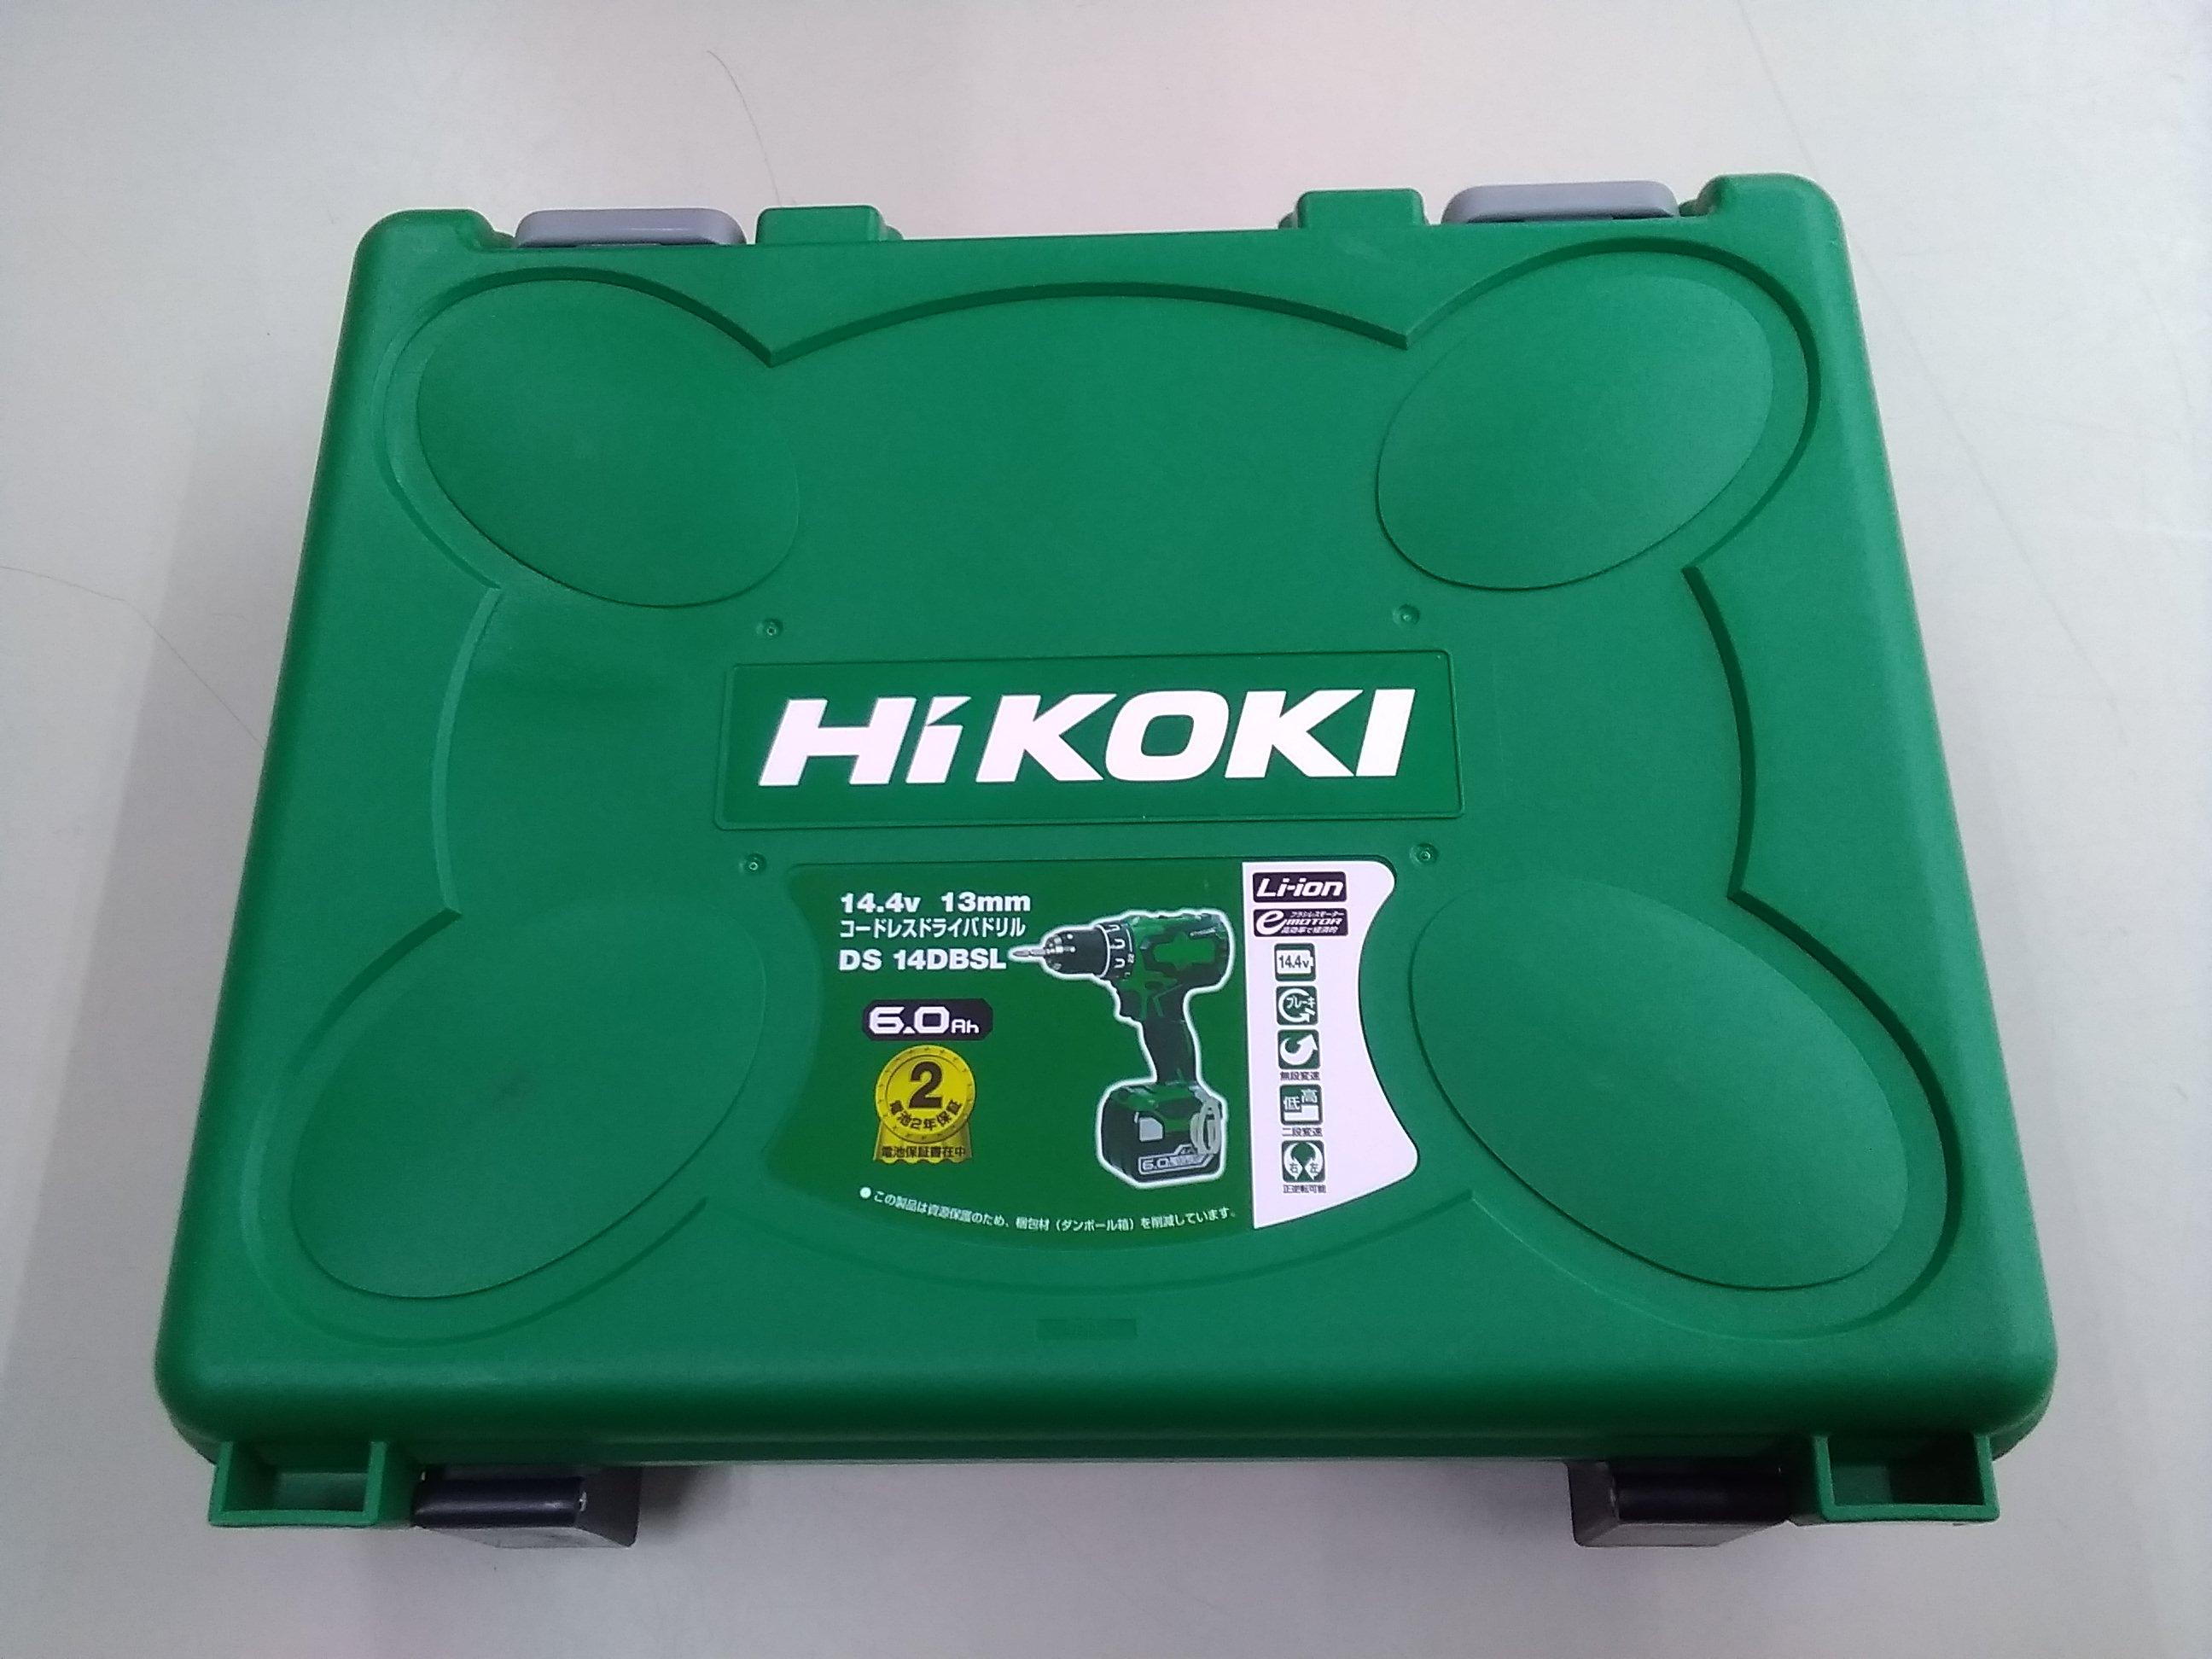 コードレスドライバドリル|HIROKI